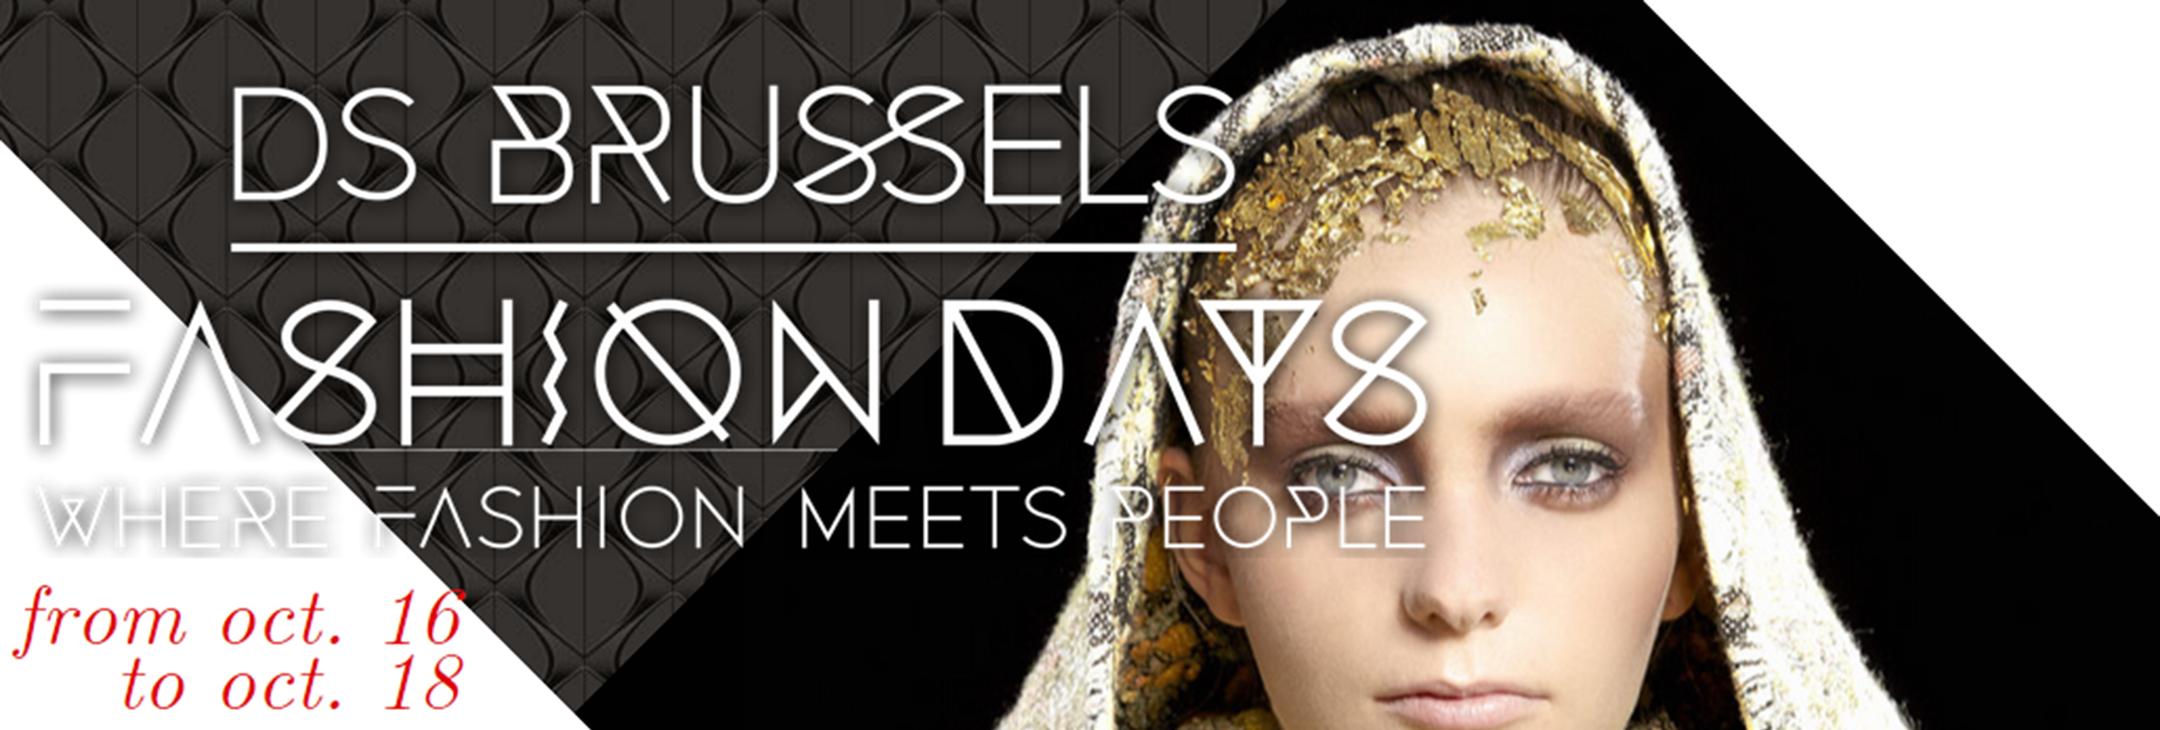 Brussels Fashion Days 2015